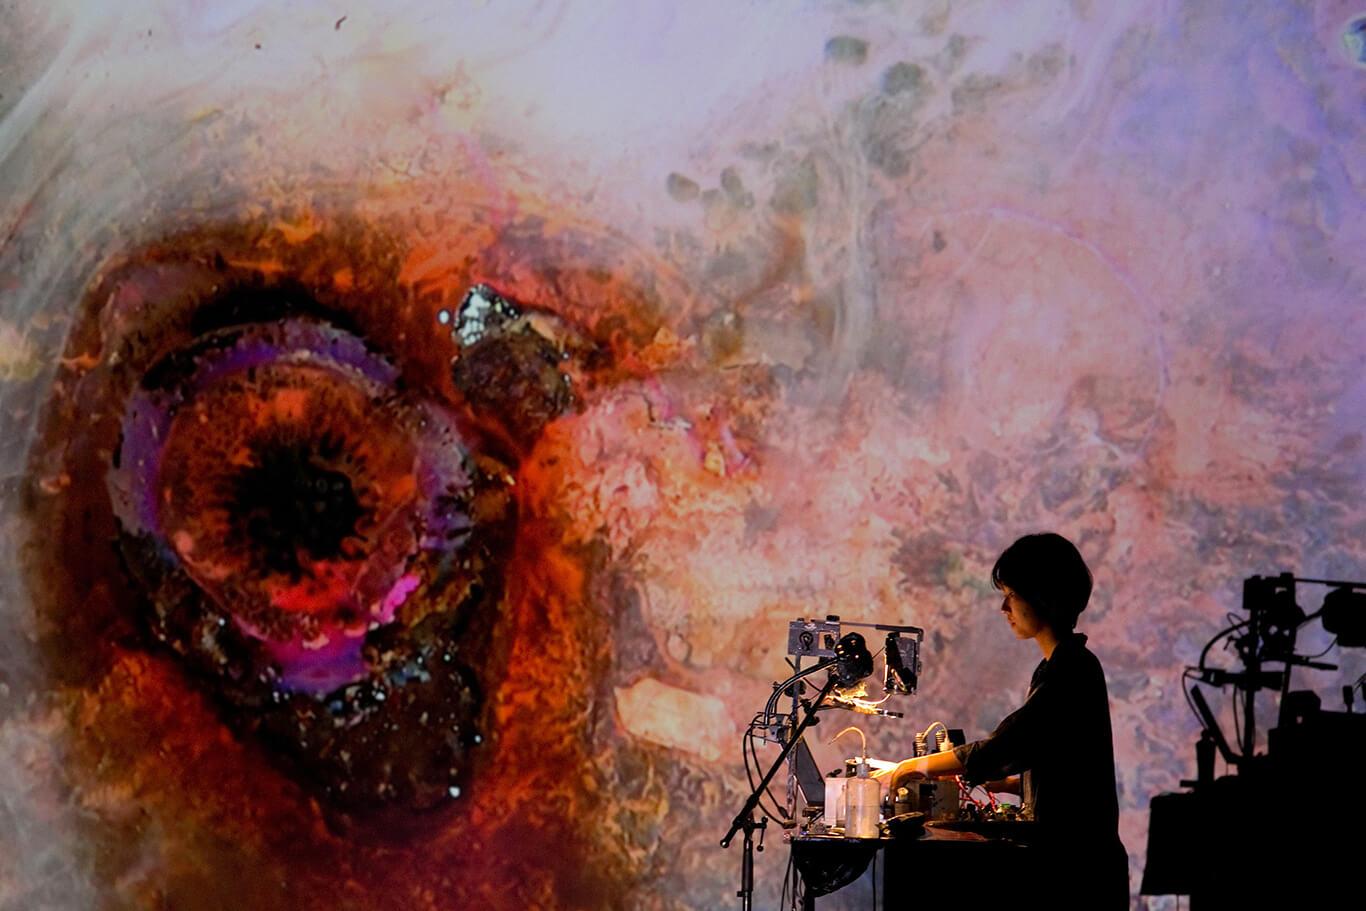 fam-202110-映像を聴く 音楽を観る夜